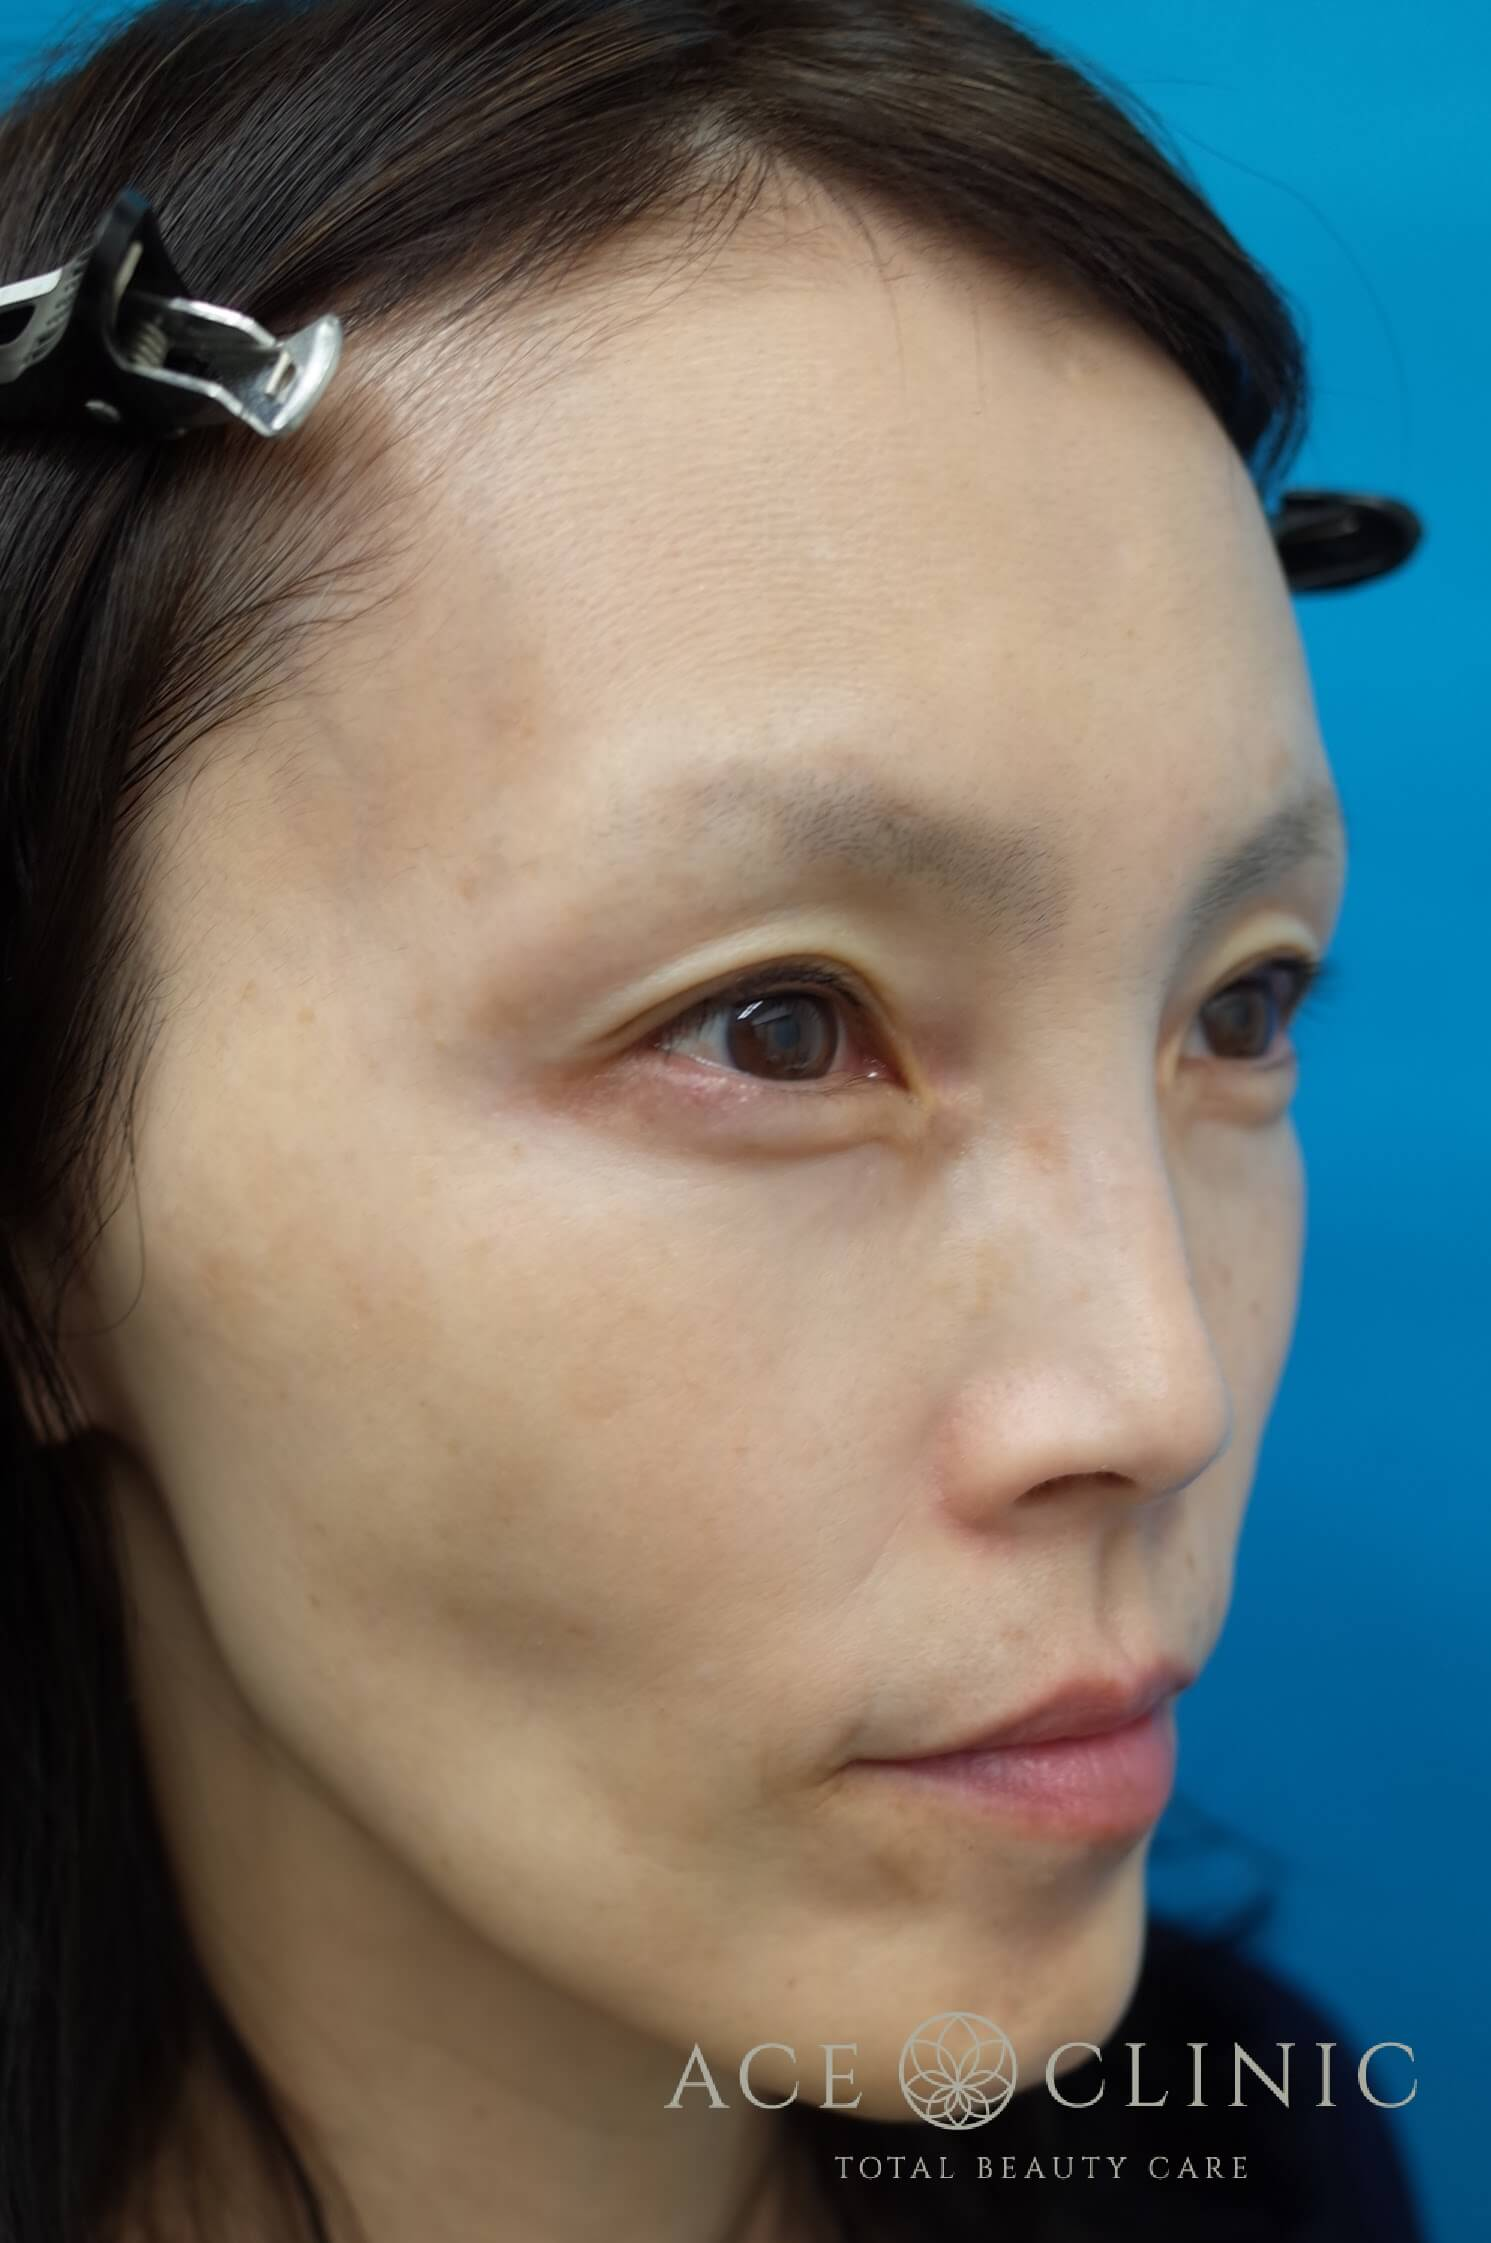 ヒアルロン酸注入(こめかみ・頬) 施術前 右斜め